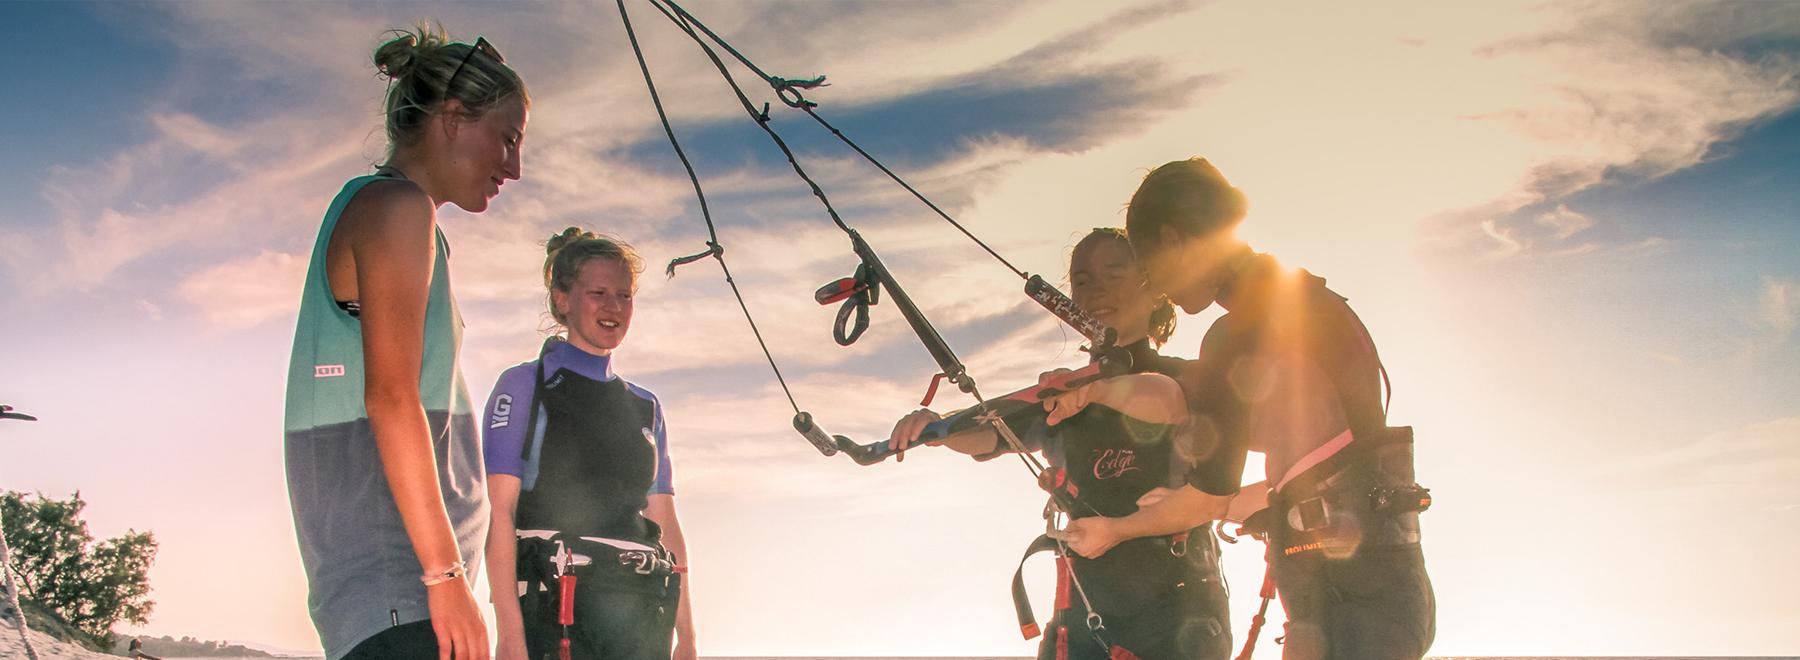 Kitesurfen lernen Kos, Griechenland